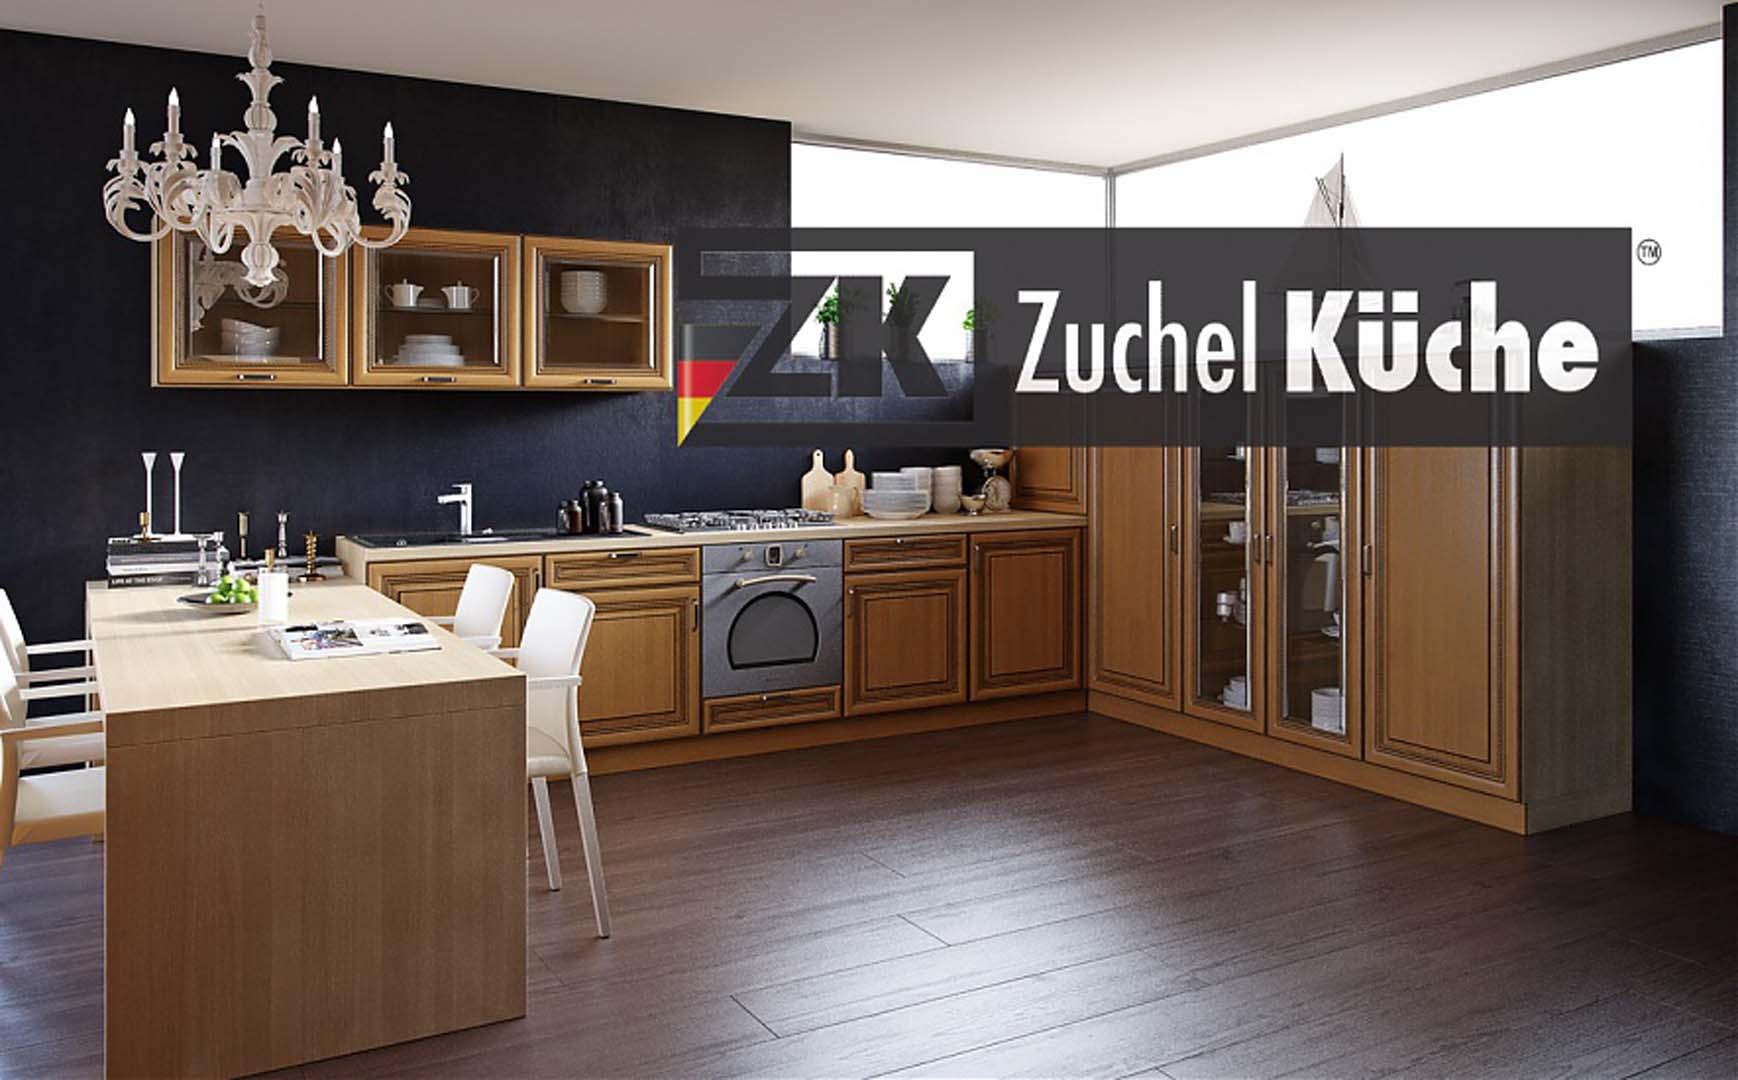 Küchen - Klassisch - ZUCHEL Küche